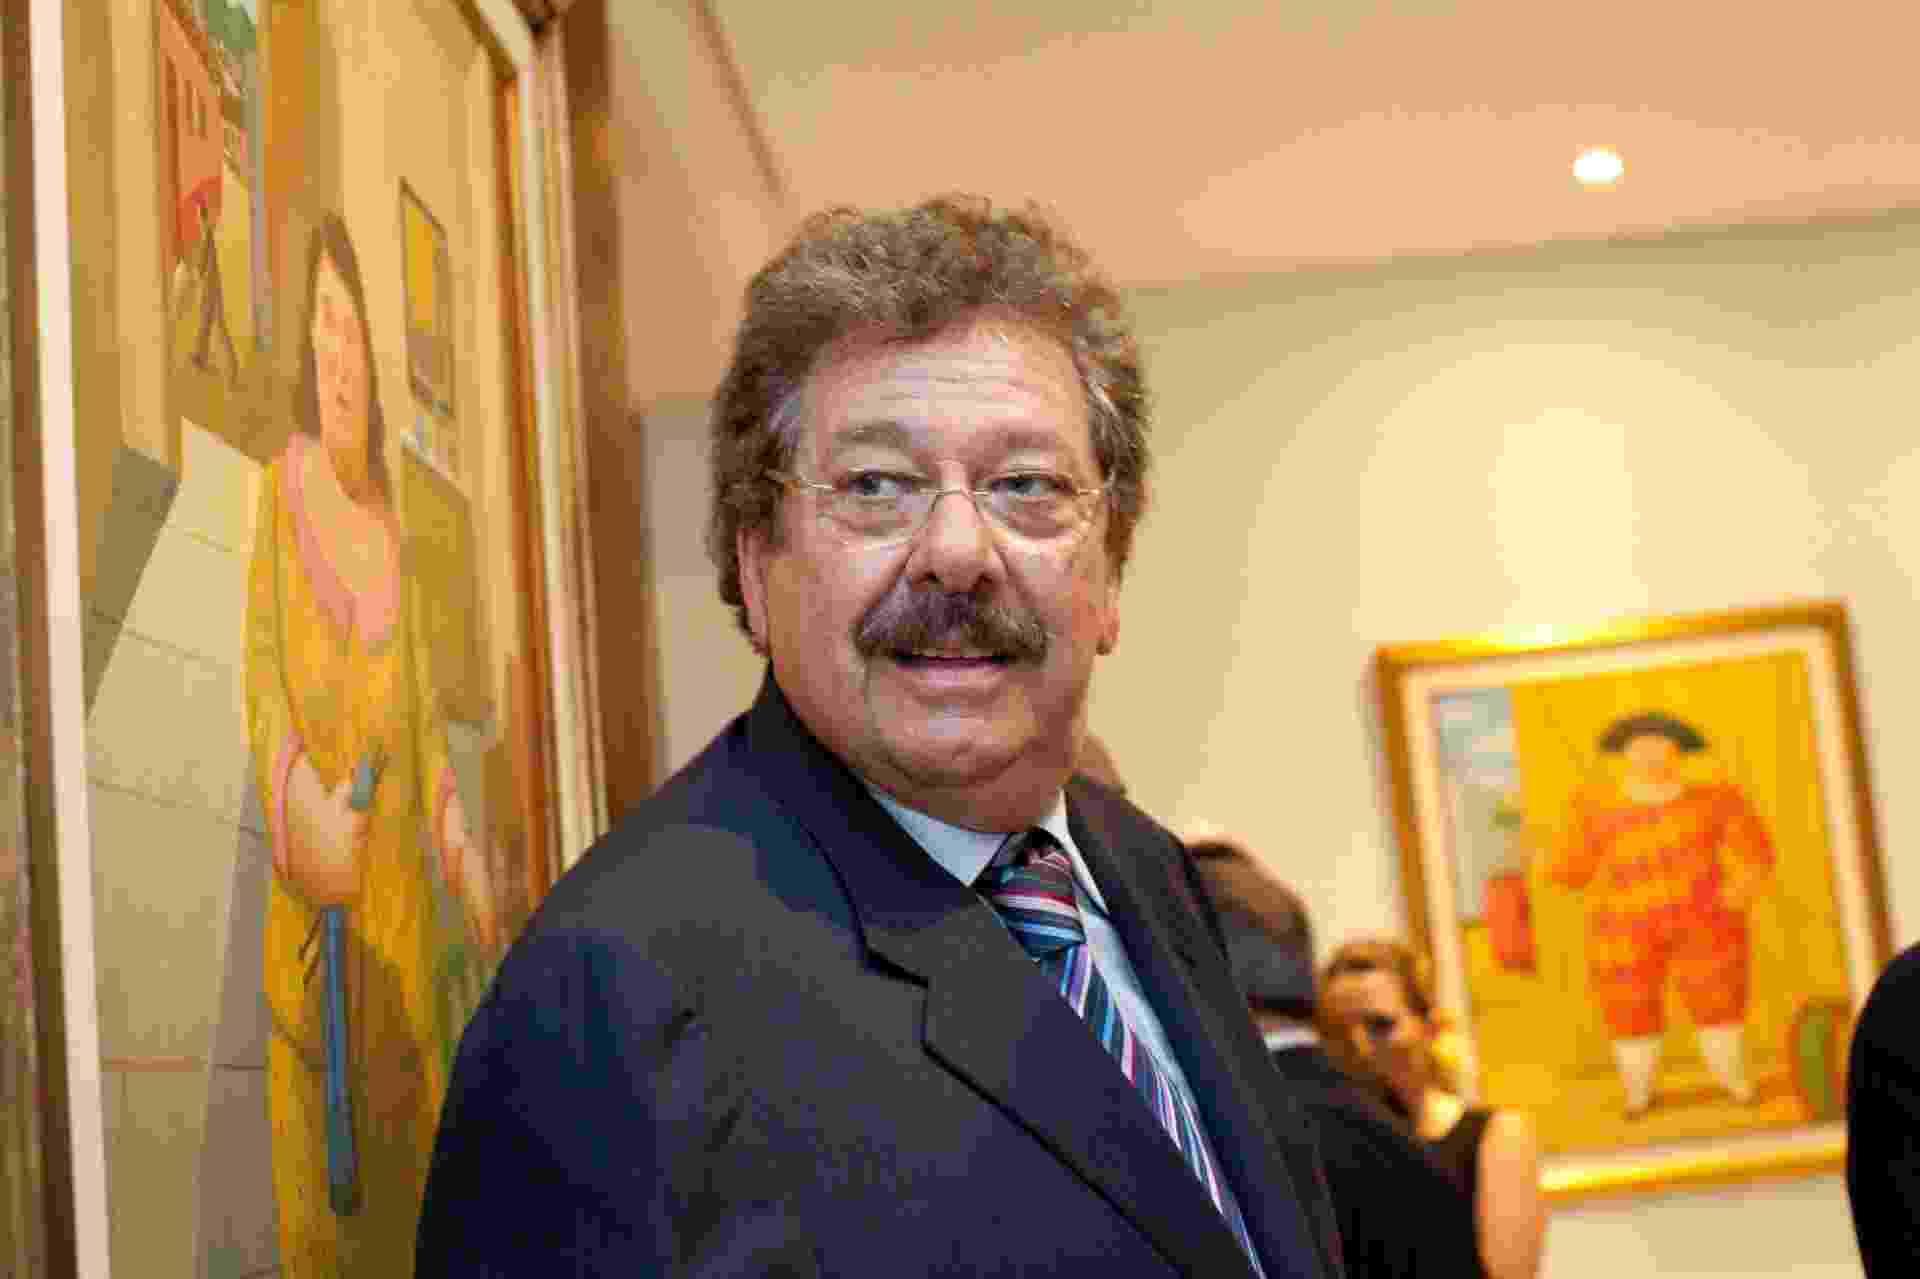 José Luís Cutrale, é industriário brasileiro, controlador de uma das maiores processadoras de suco de laranja do Brasil, a Cutrale - Leticia Moreira/Folhapress